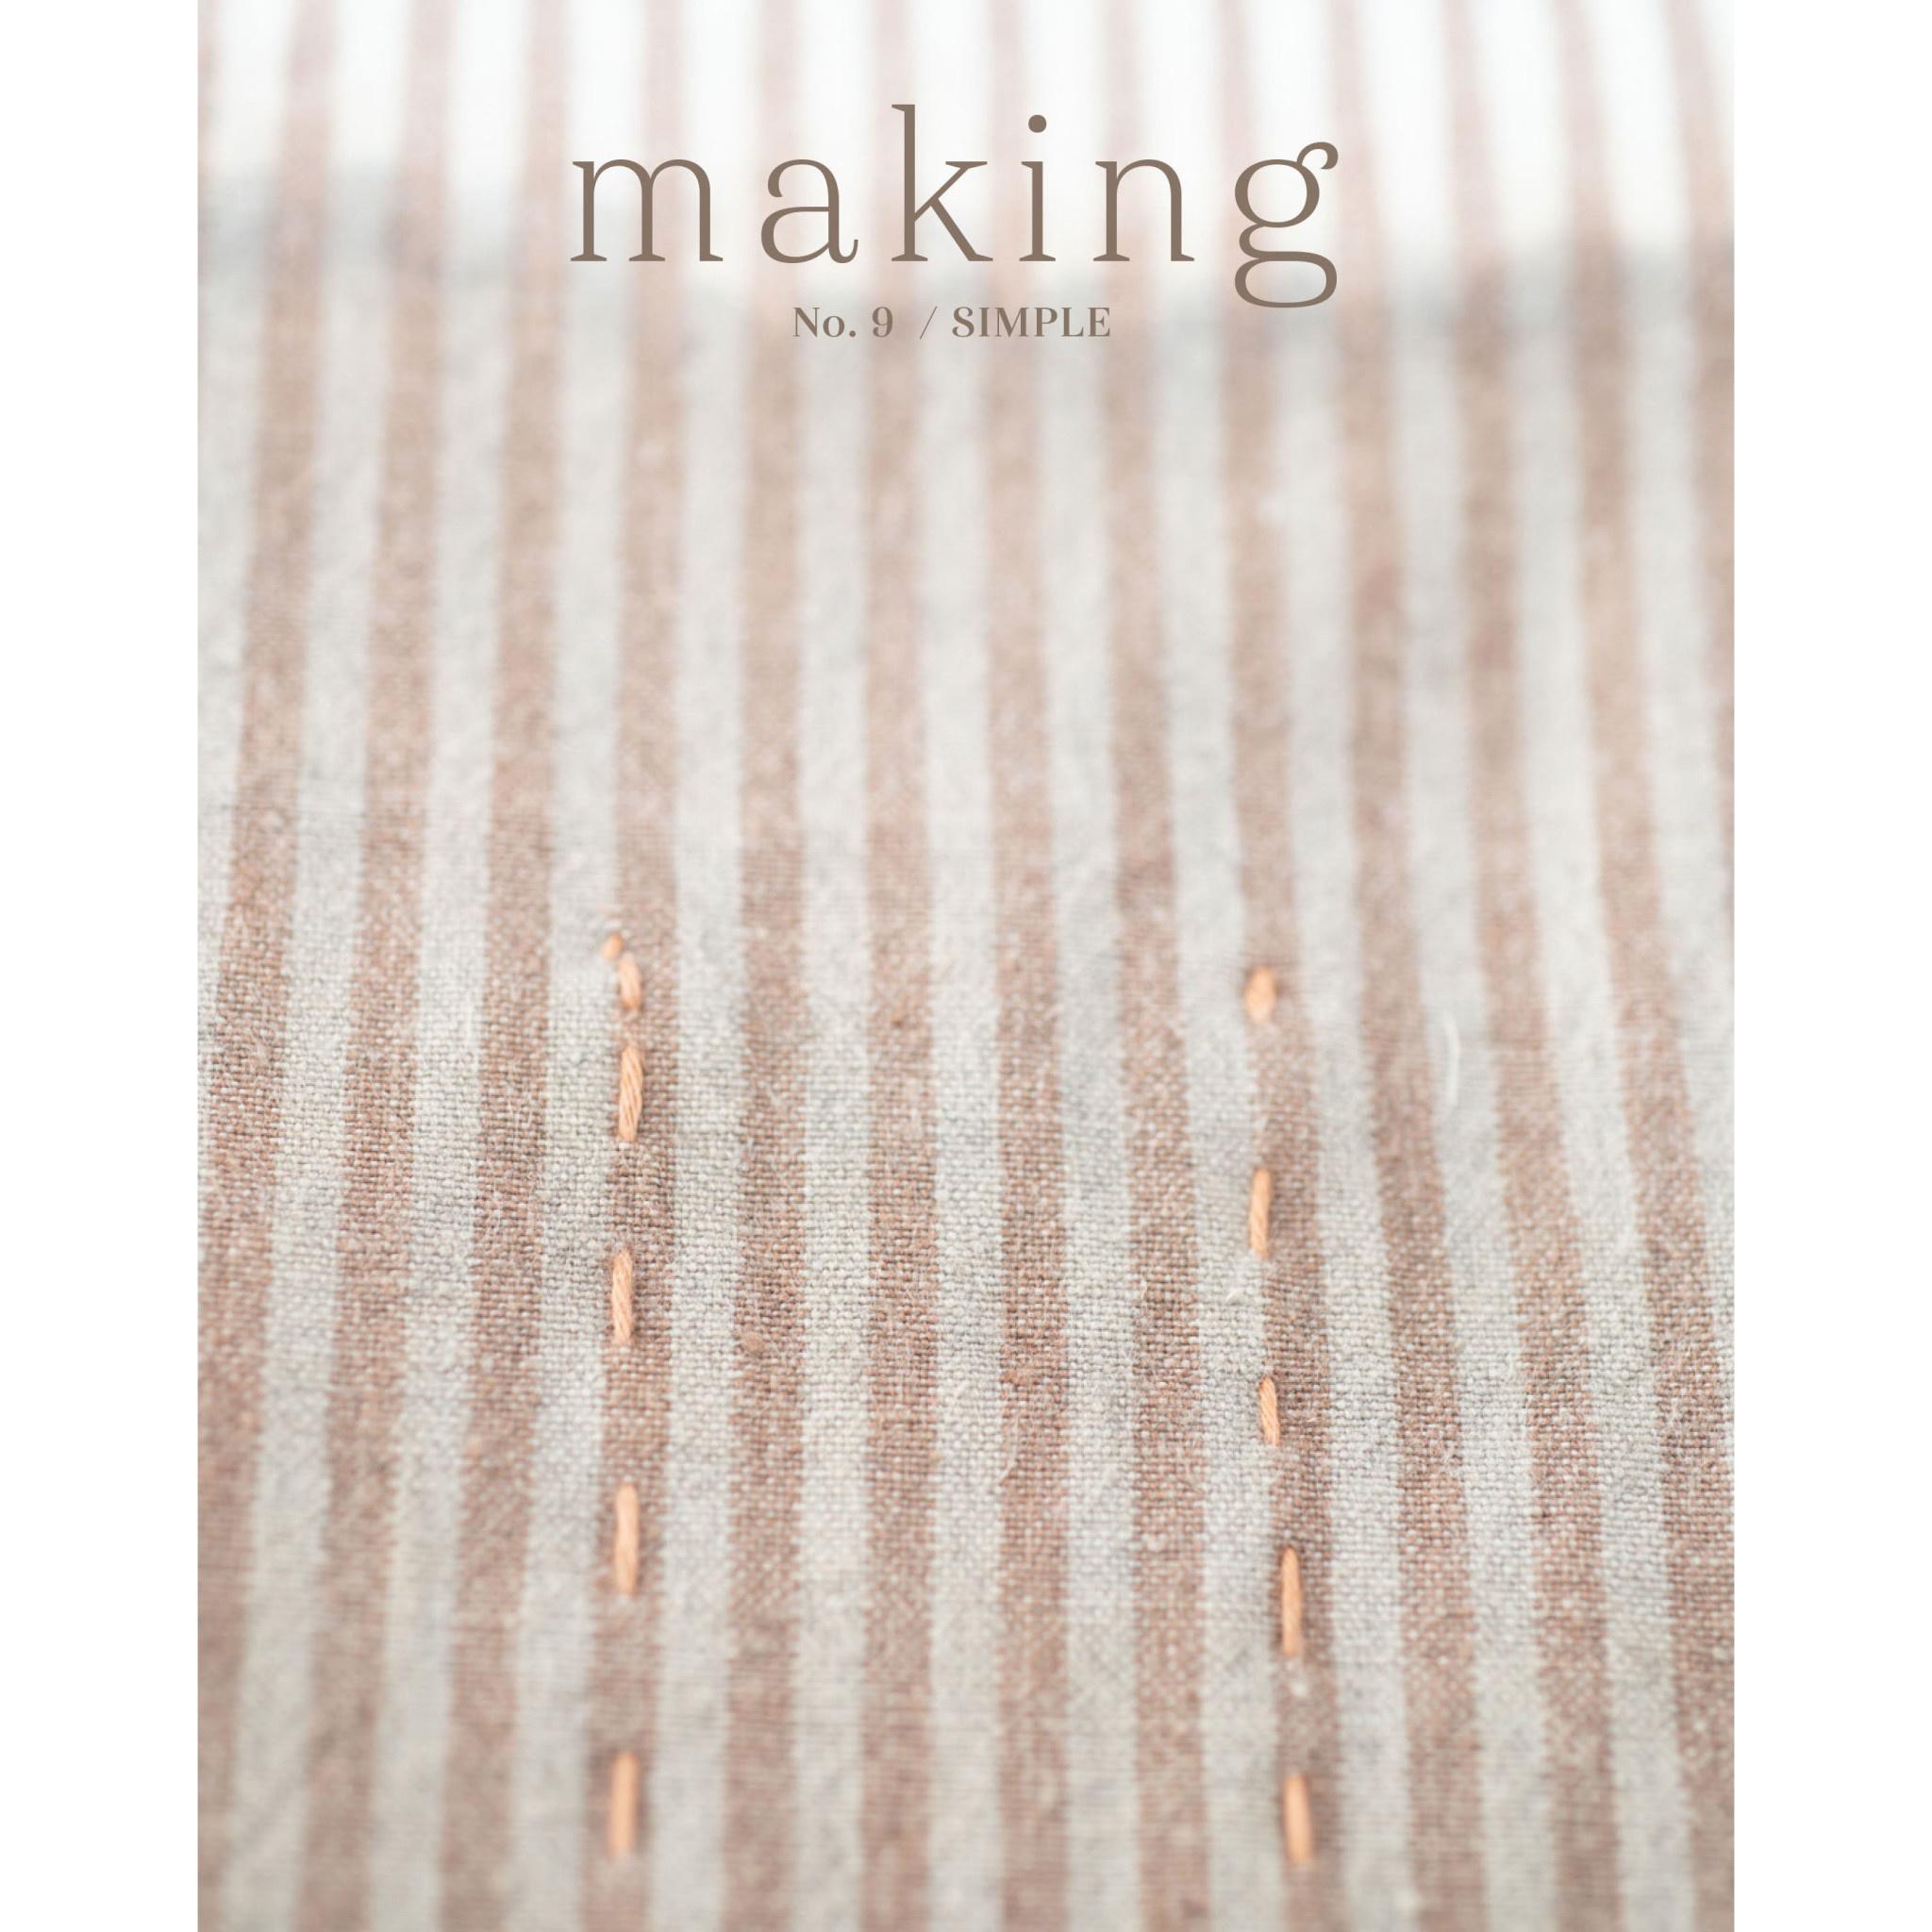 Making MAKING NO. 9 - SIMPLE